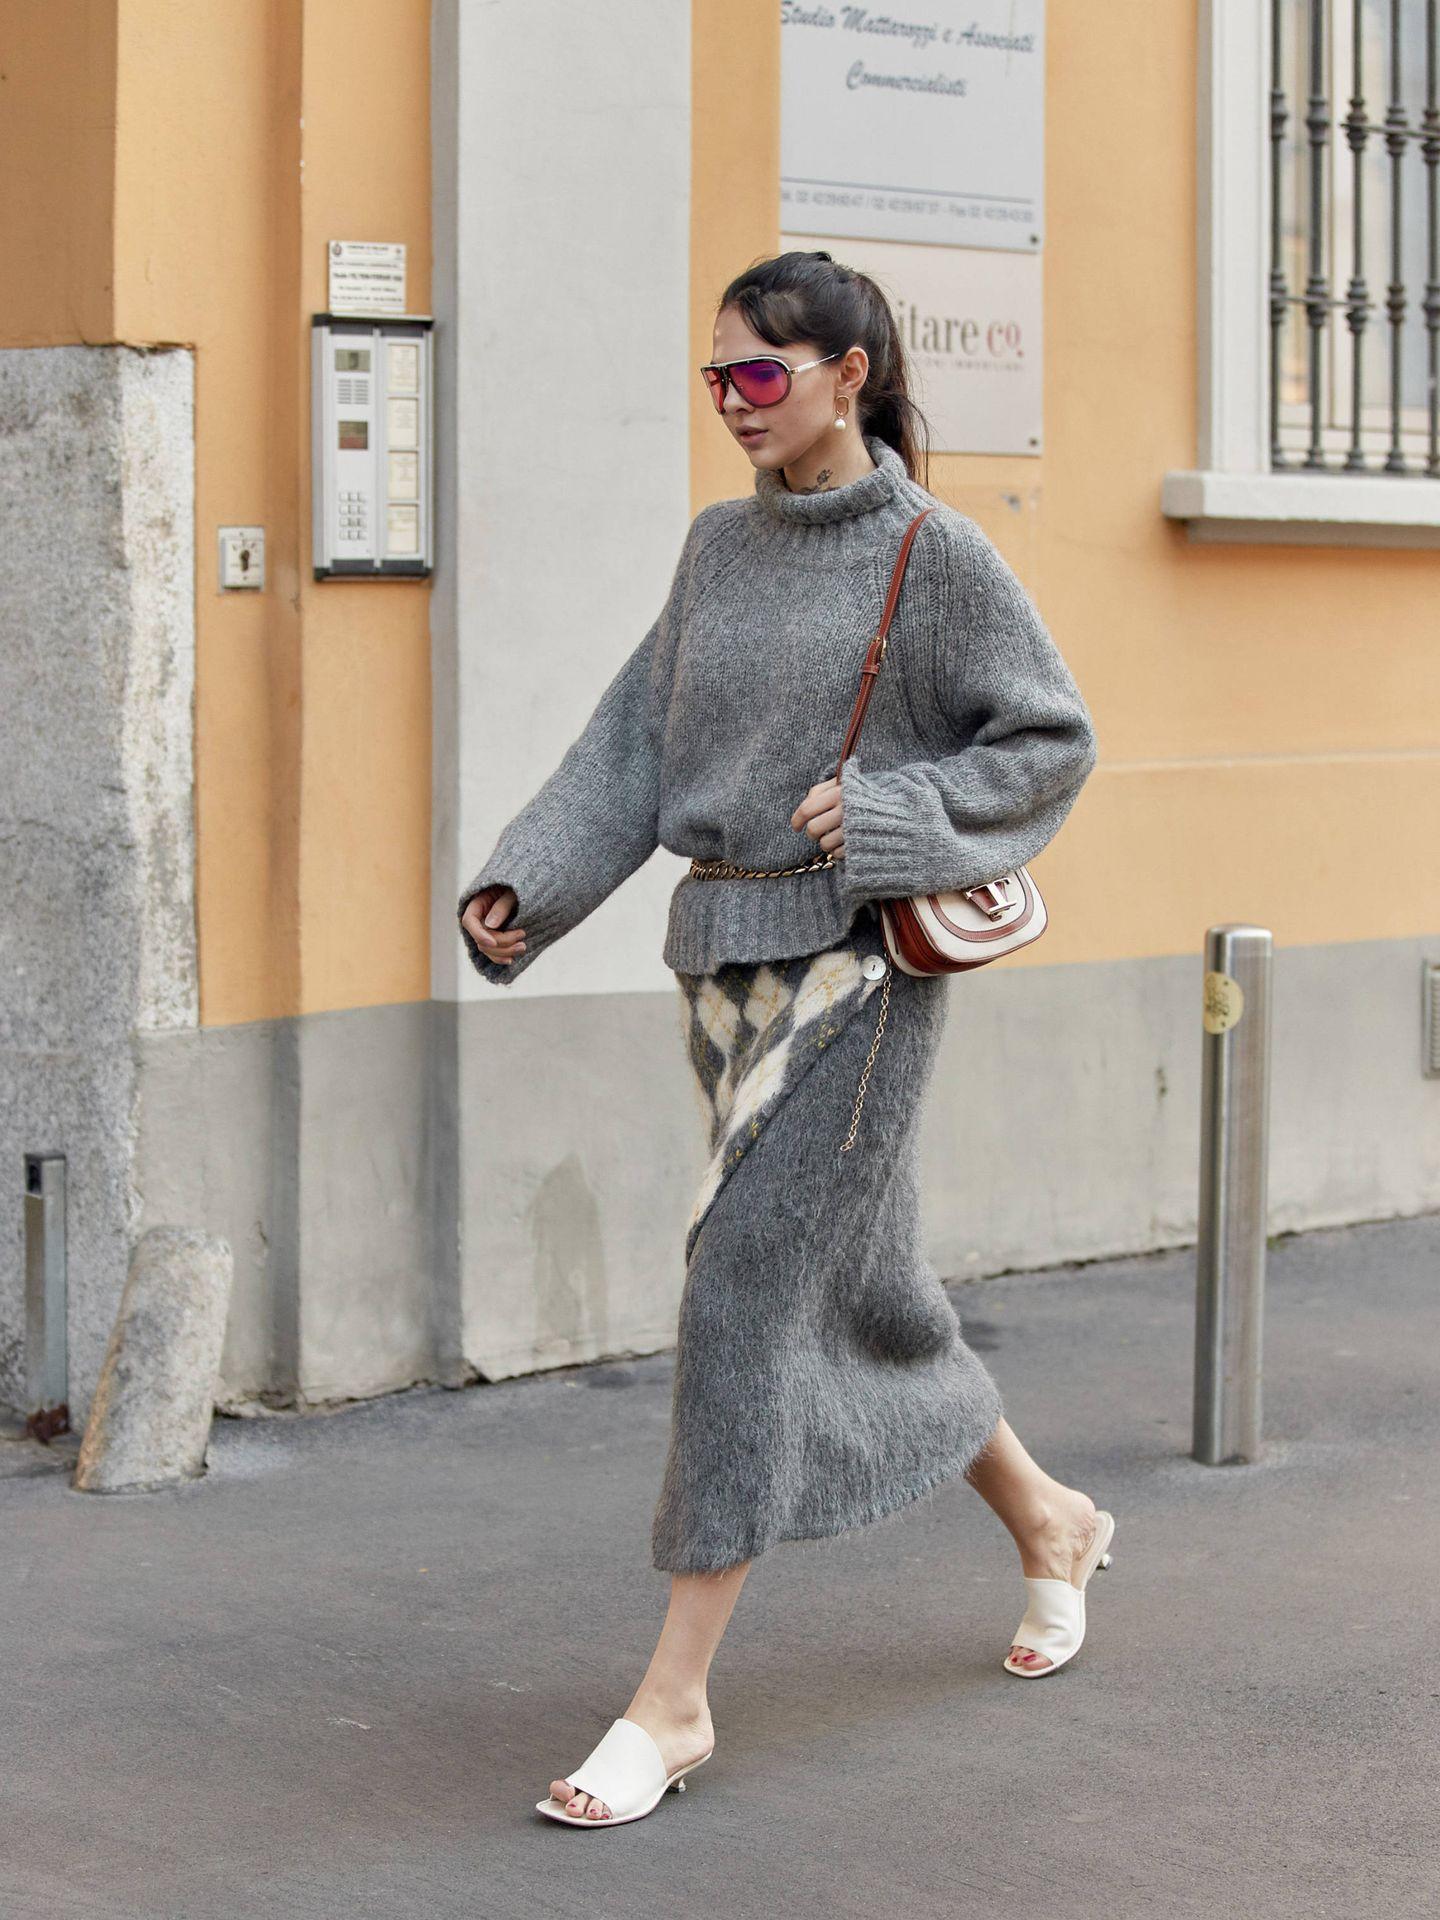 Un look gris visto en el street style. (Imaxtree)